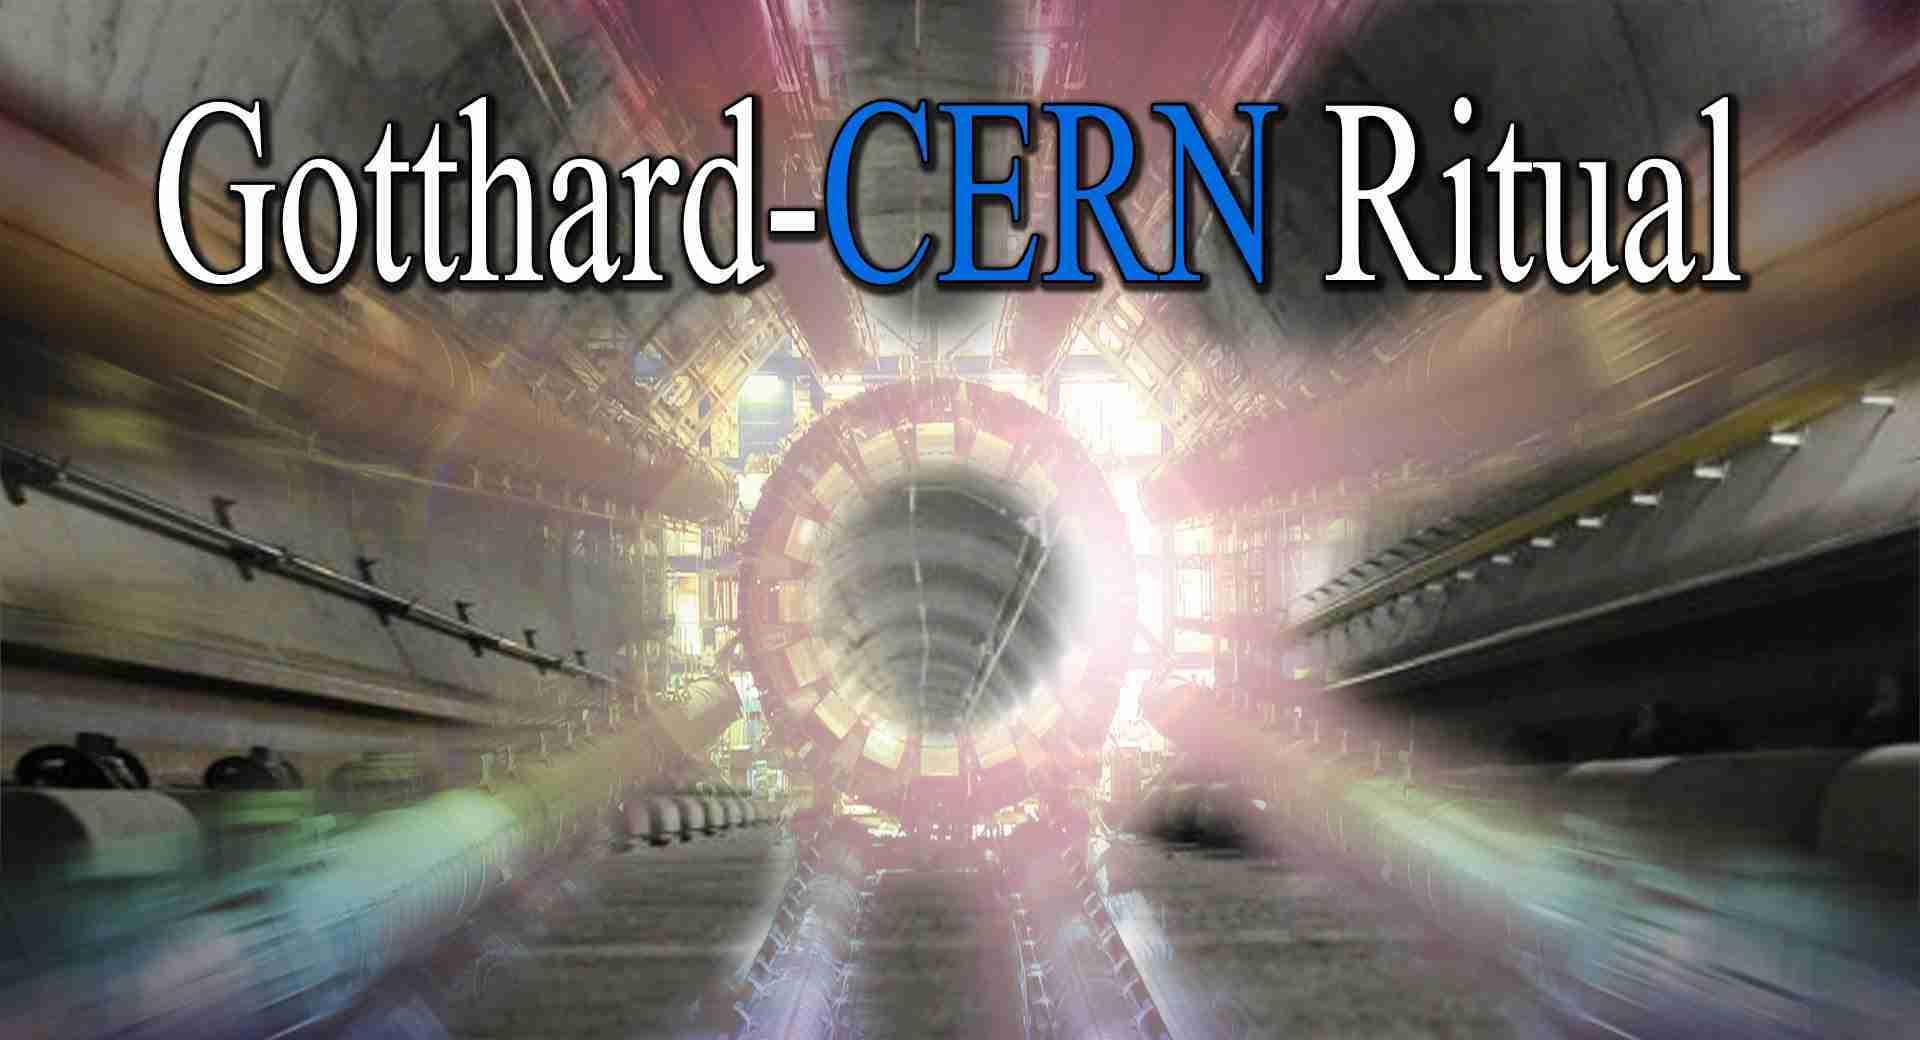 Брэдли Любящий  ИСКУШЕНИЕ ЕСТЬ/БЫЛО/И ВСЕГДА БУДЕТ   ОДНИМ И ТЕМ ЖЕ   CERN-Satanic-Ritual